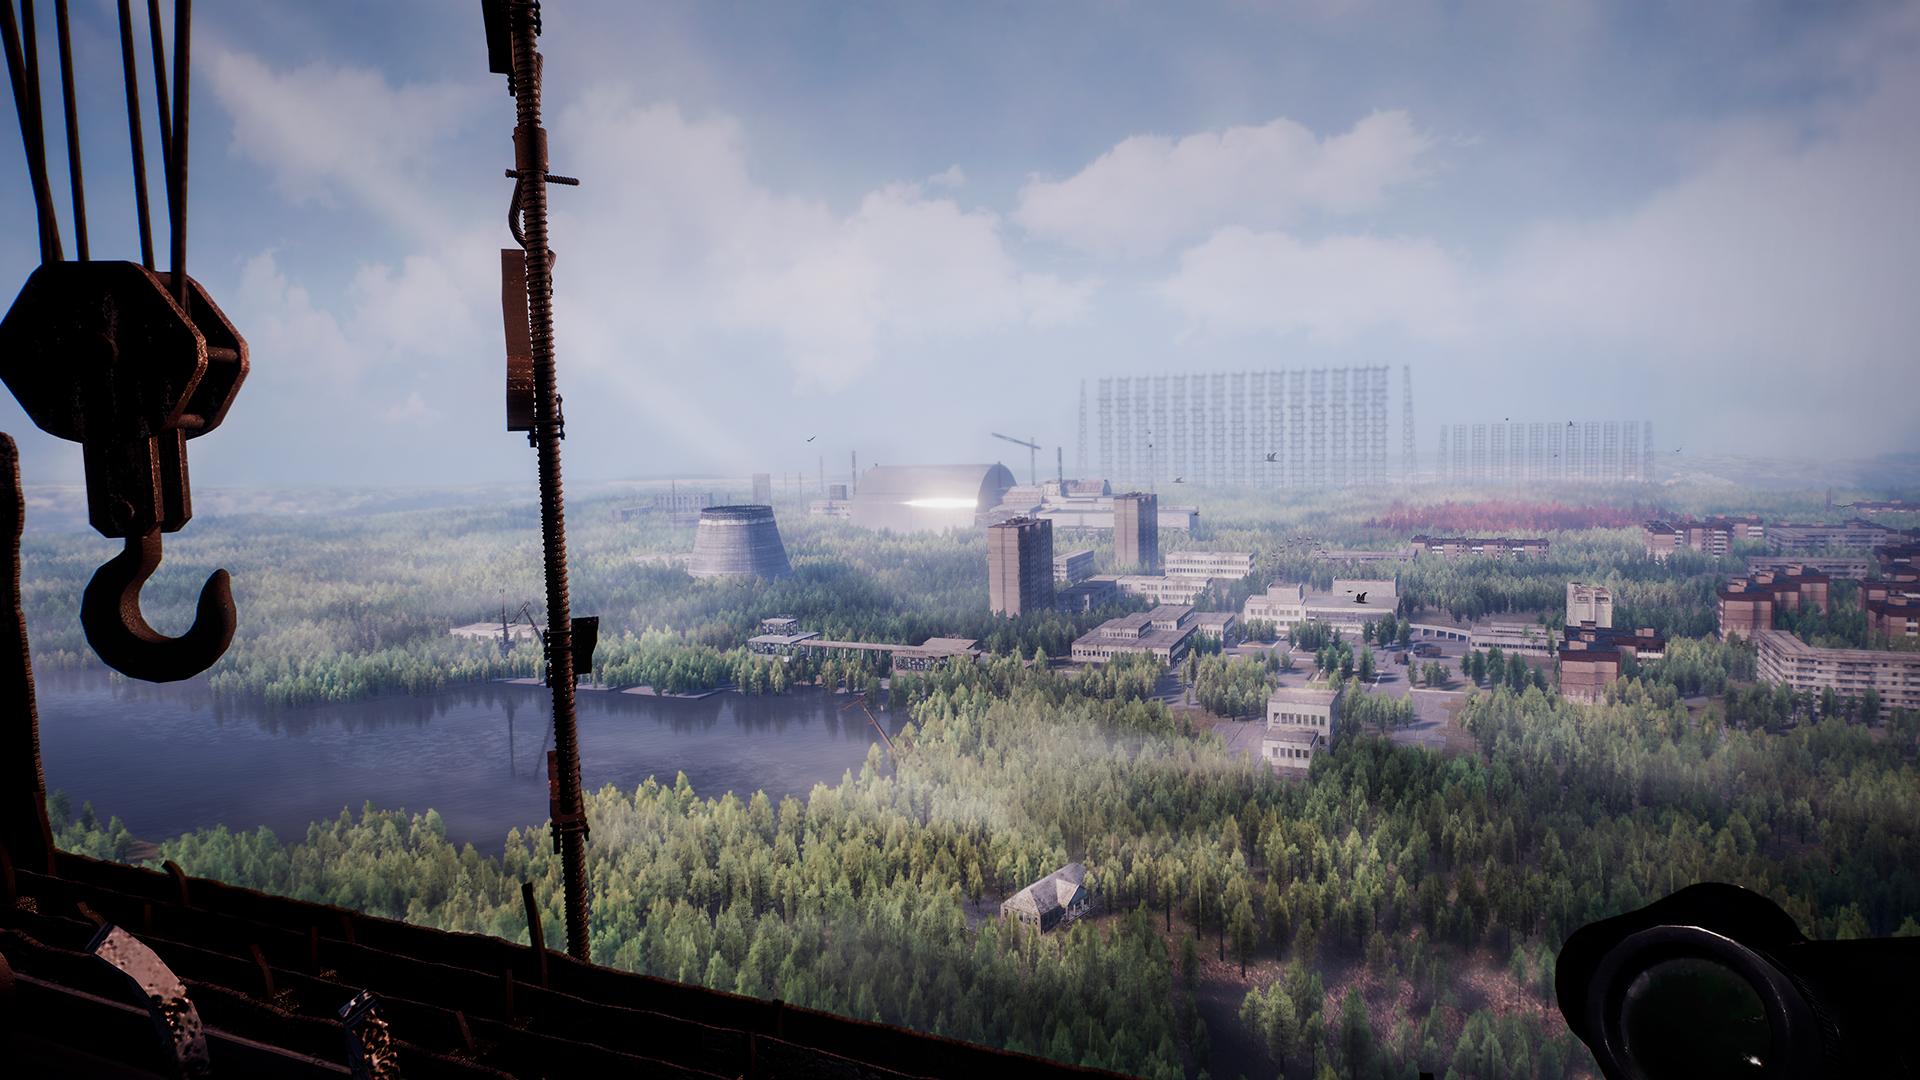 Resultado de imagem para Chernobylite, jogo em Chernobyl, recebe belo trailer de história; assista Texto copiado de https://www.meups4.com.br/noticias/chernobylite-jogo-em-chernobyl-recebe-belo-trailer-de-historia-assista/